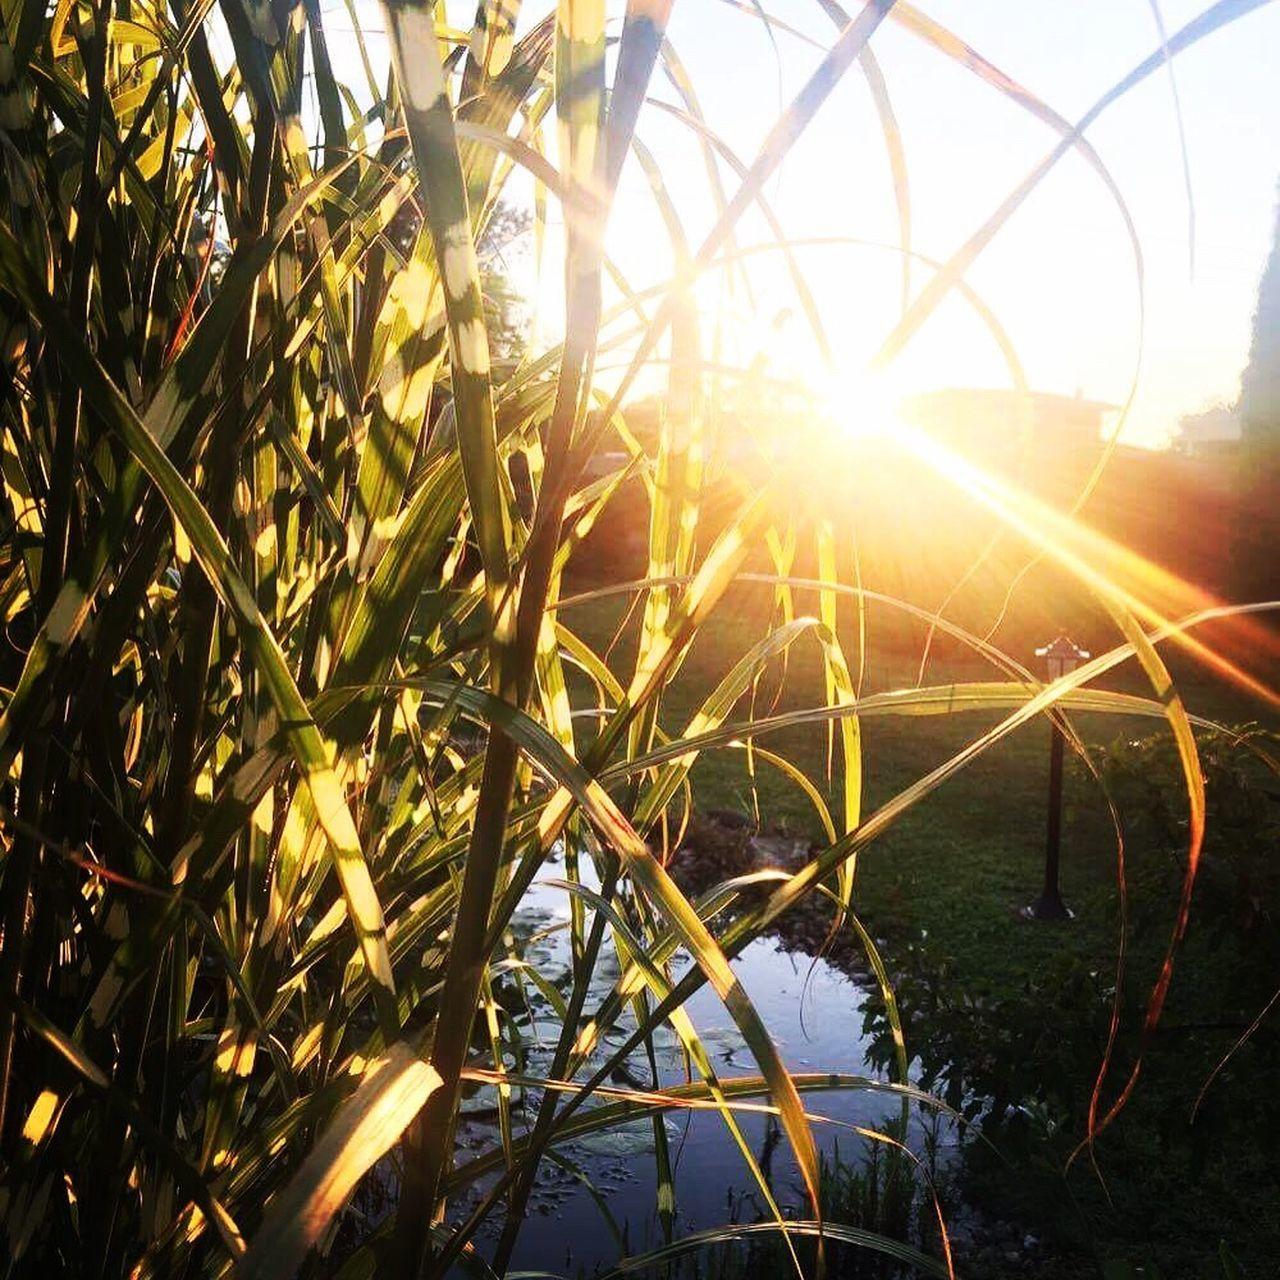 Sunlight Sun Grass Beauty In Nature Nature Lake Garden Garden Photography Garden Art